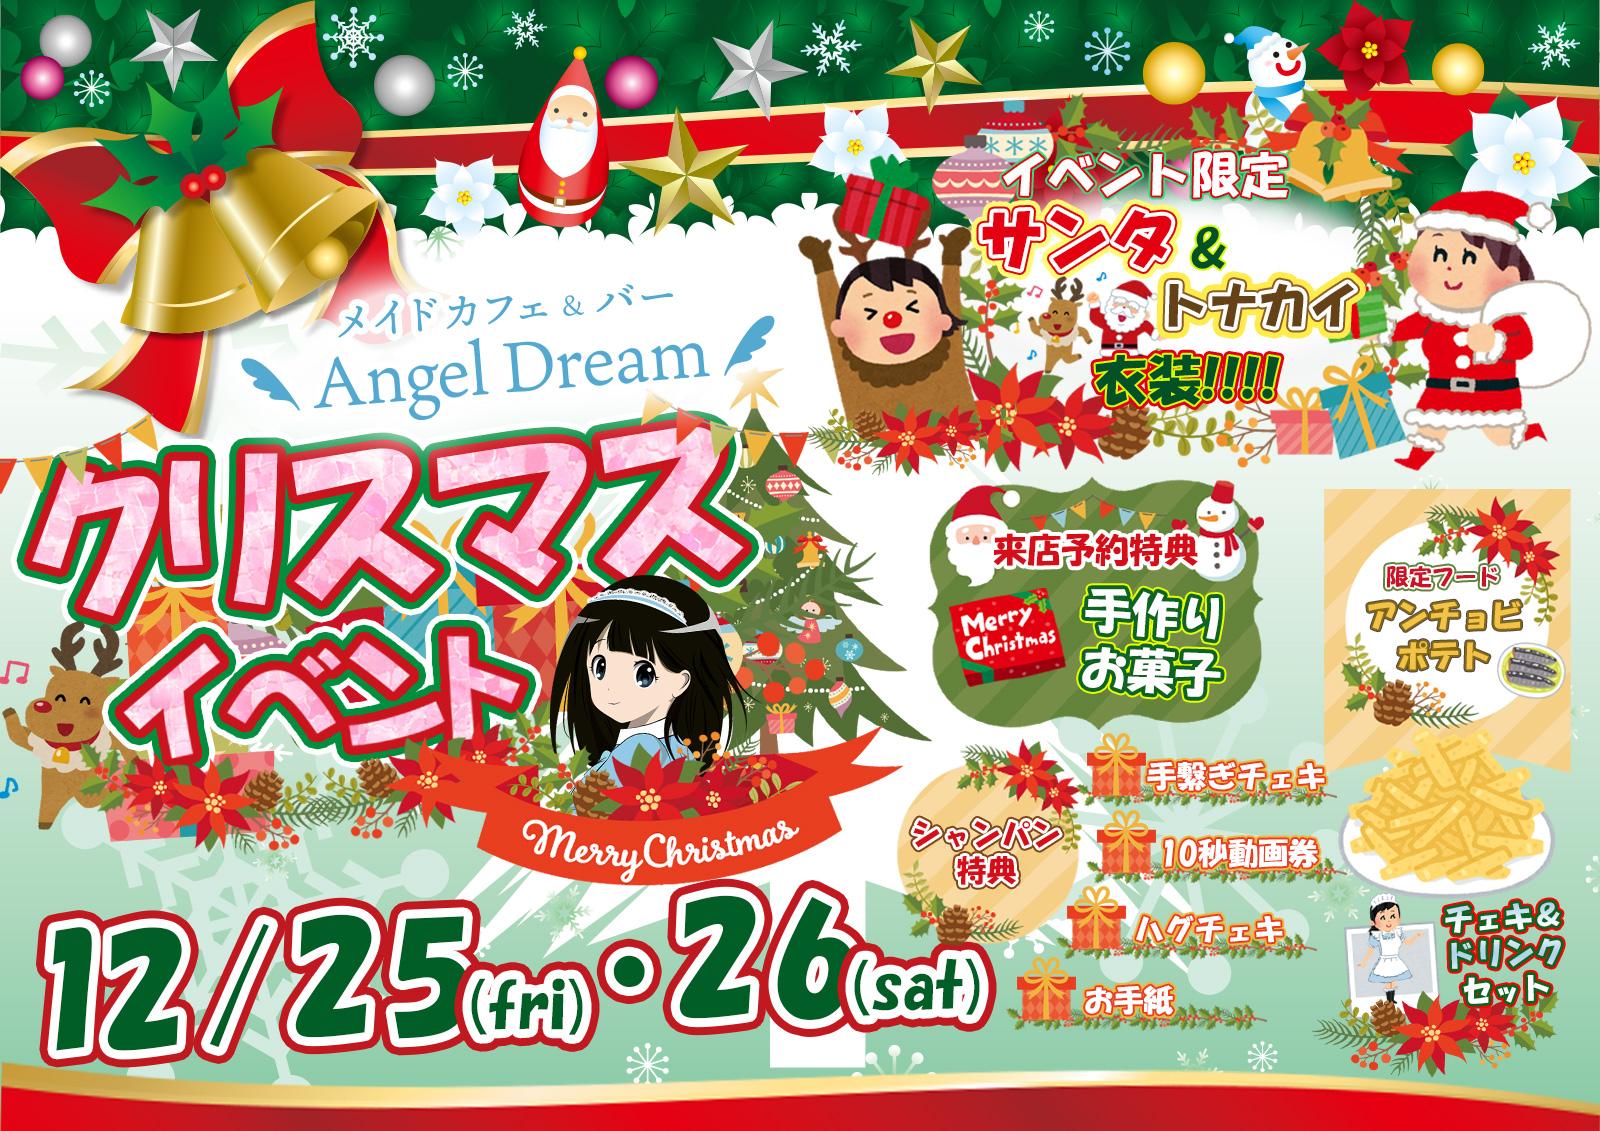 12月25・26日クリスマスイベント